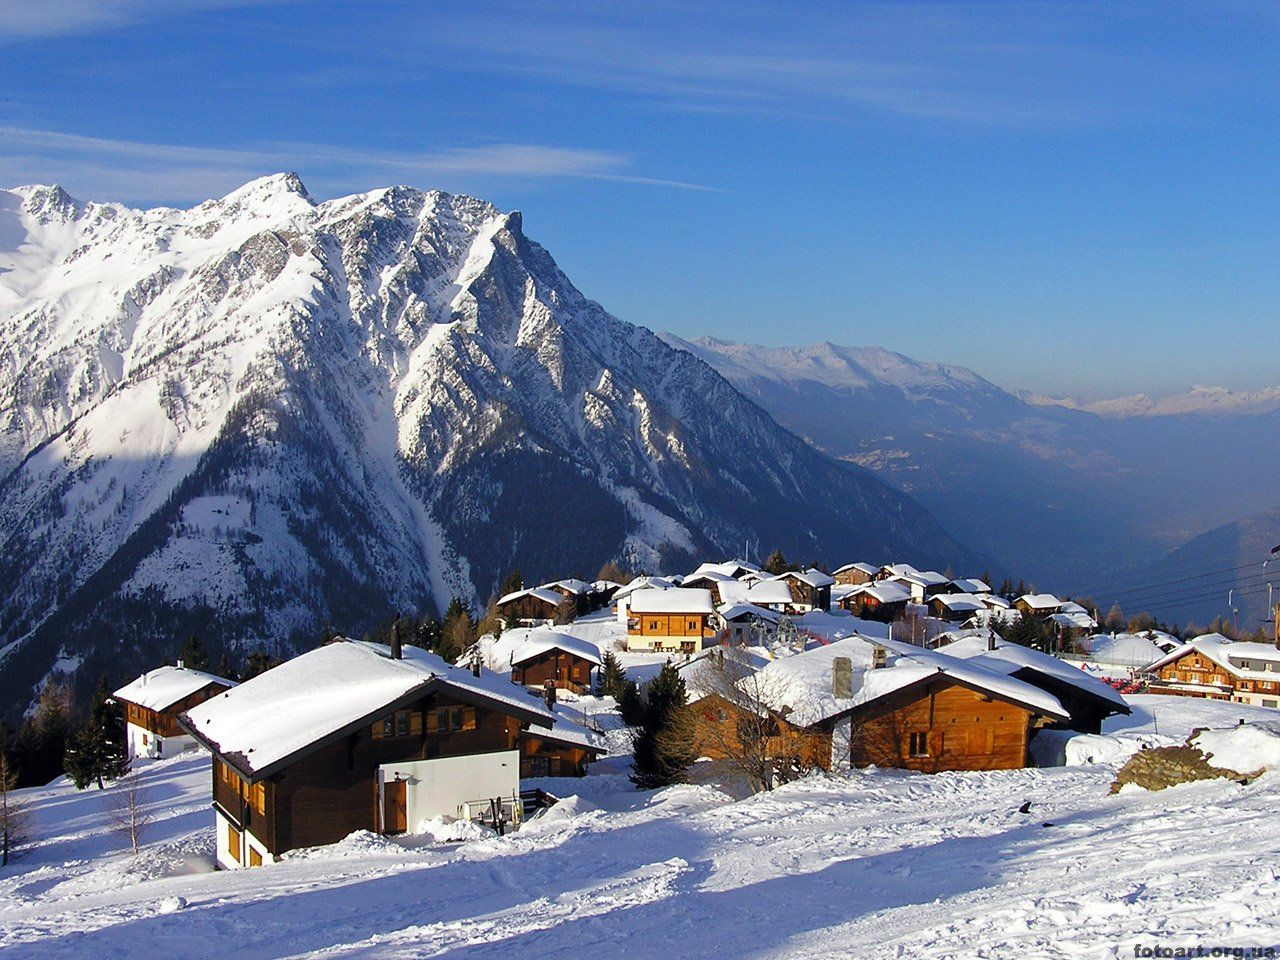 Охране труда, картинки швейцария зимой